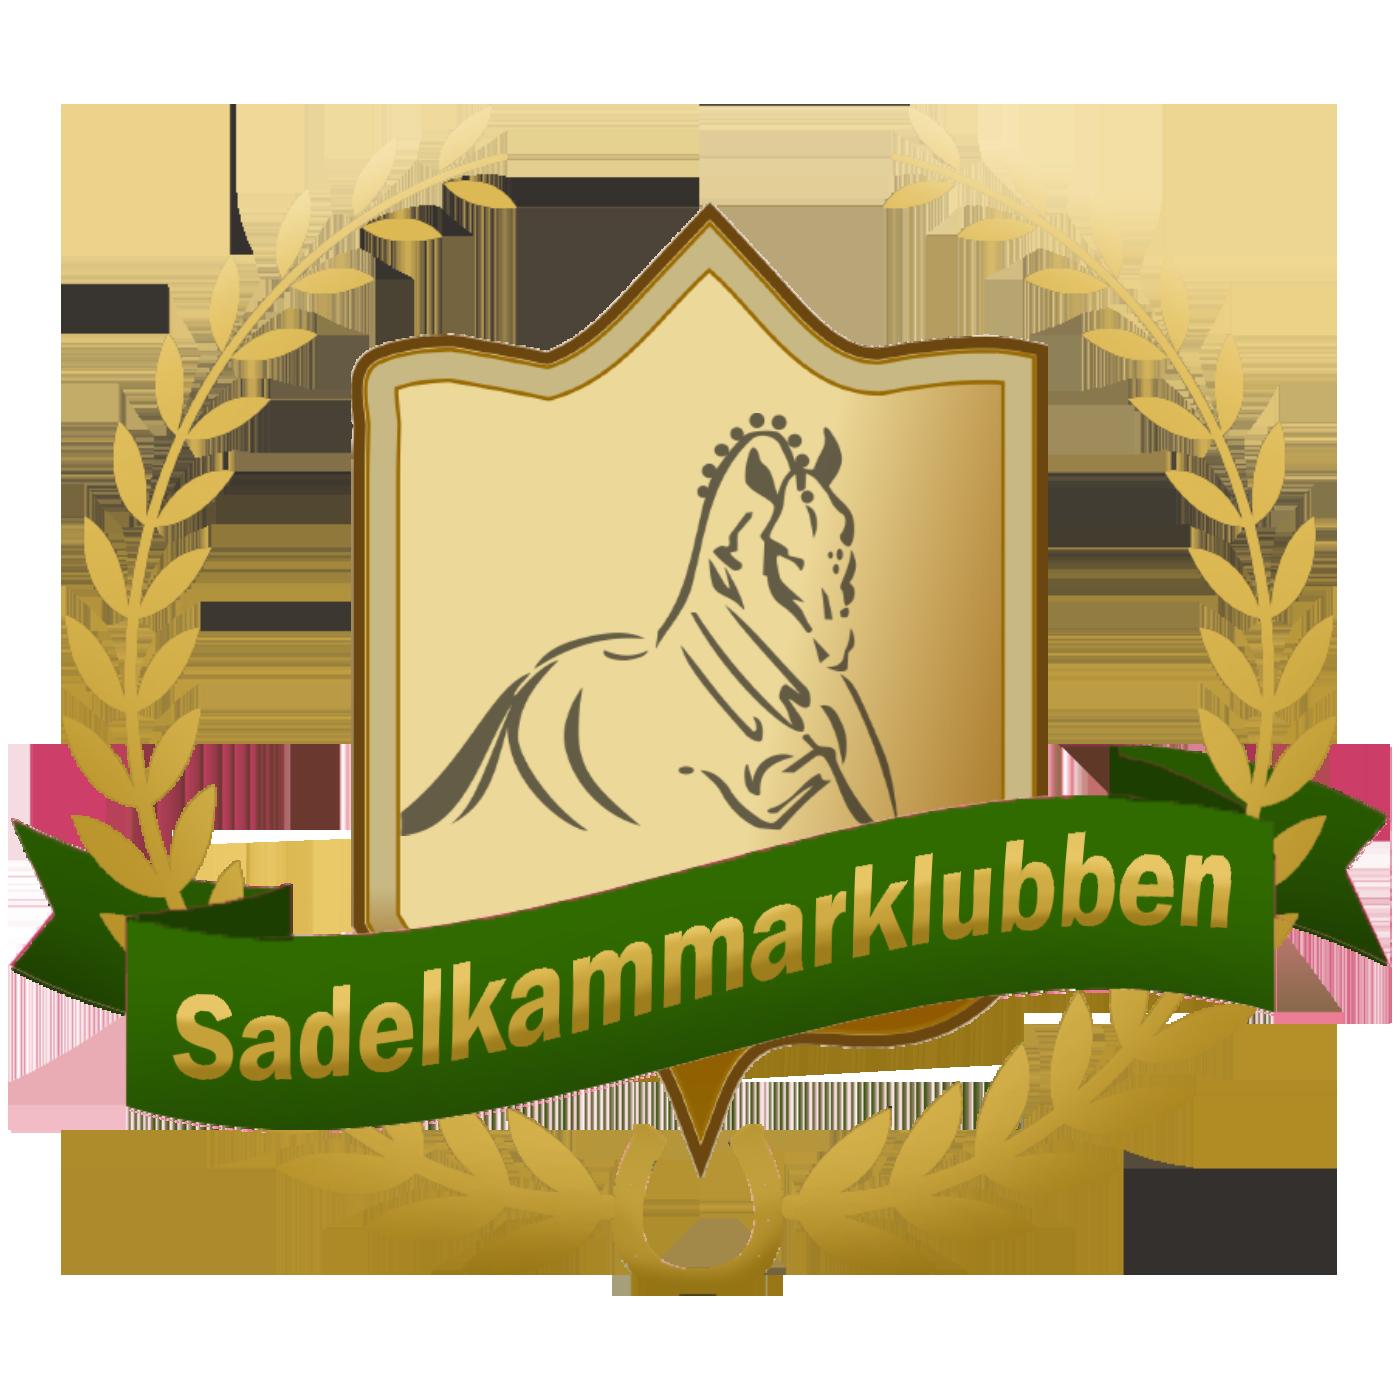 sadelkammarklubben